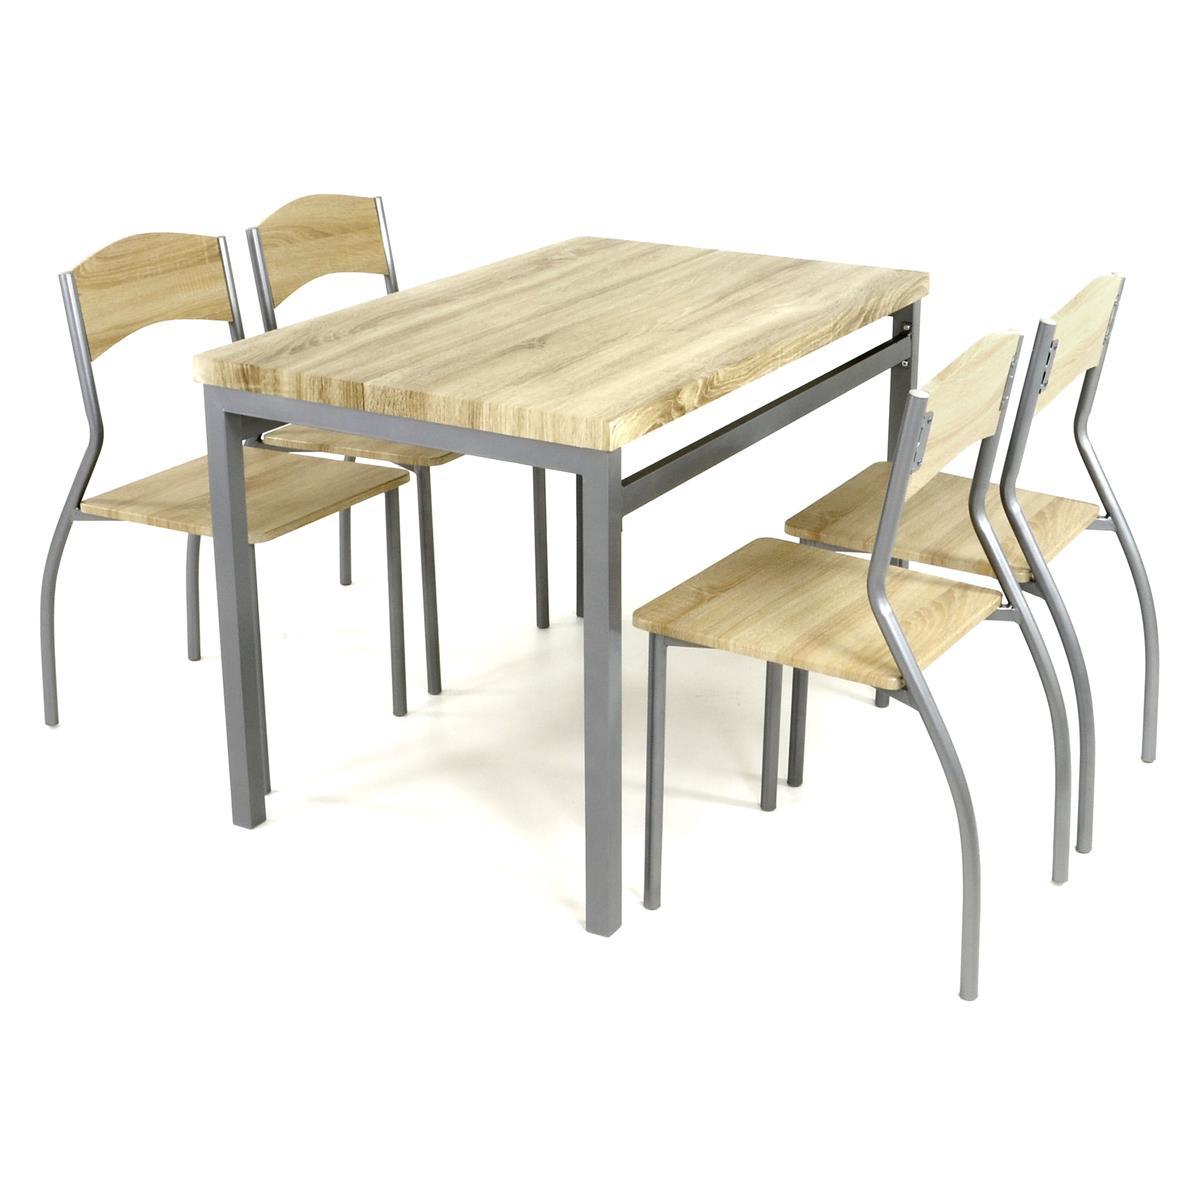 5tlg Küchenset Sitzgruppe 1 Esszimmertisch 4 geschwungene Stühle Küchentisch